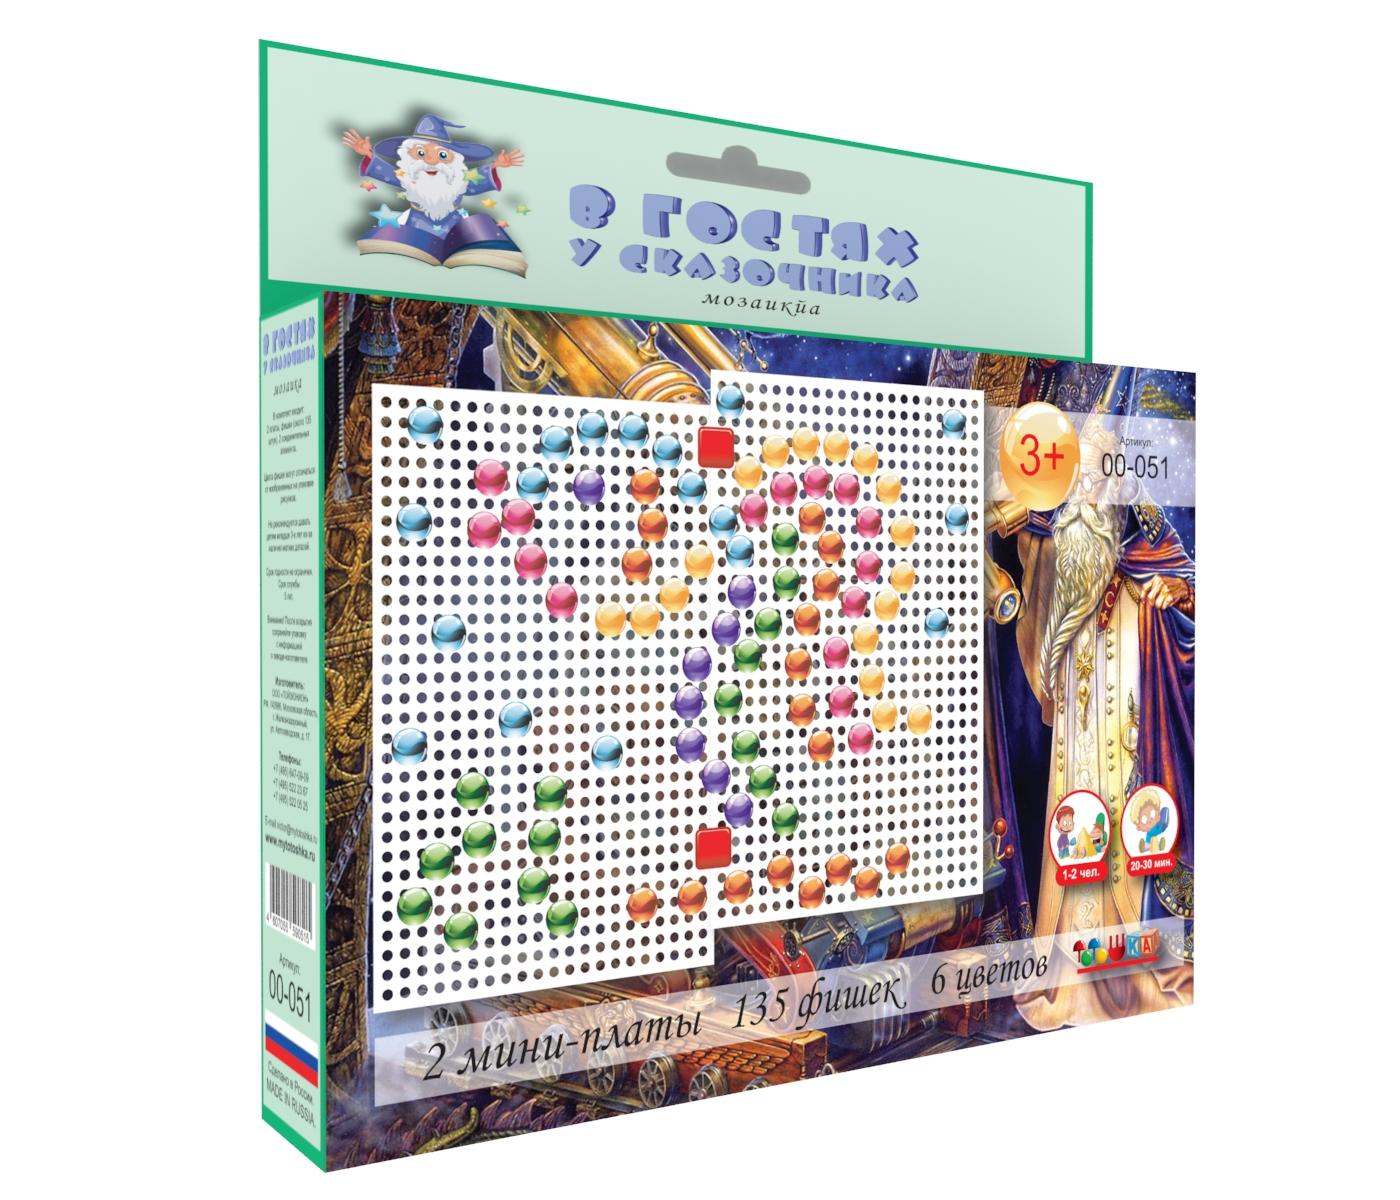 Тотошка Мозаика В гостях у Сказочникатт00-051Мозаика – дает возможность вашему ребенку выложить яркую картинку. Играя в мозаику, ваш малыш разовьет мелкую моторику рук, фантазию, творческие навыки и логическое мышление. Все элементы игры изготовлены из, высококачественных материалов, абсолютно безопасных для здоровья ребенка.